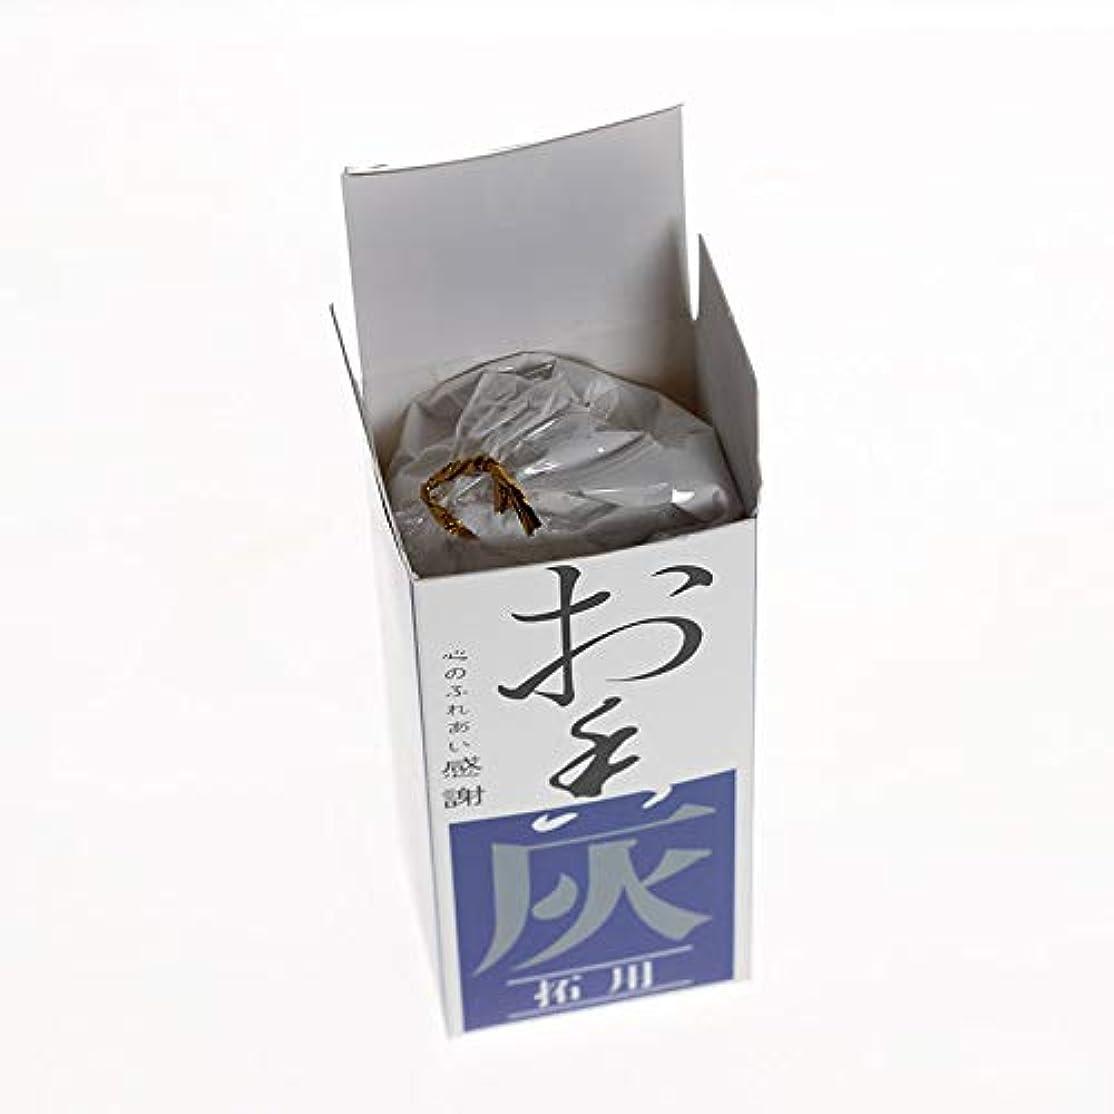 令状トマト松Diatems - 輸入香ばしい香り高い柚子特別灰沈香香炉灰灰灰色の灰香り用品スーパーソングRongtang [3PC]